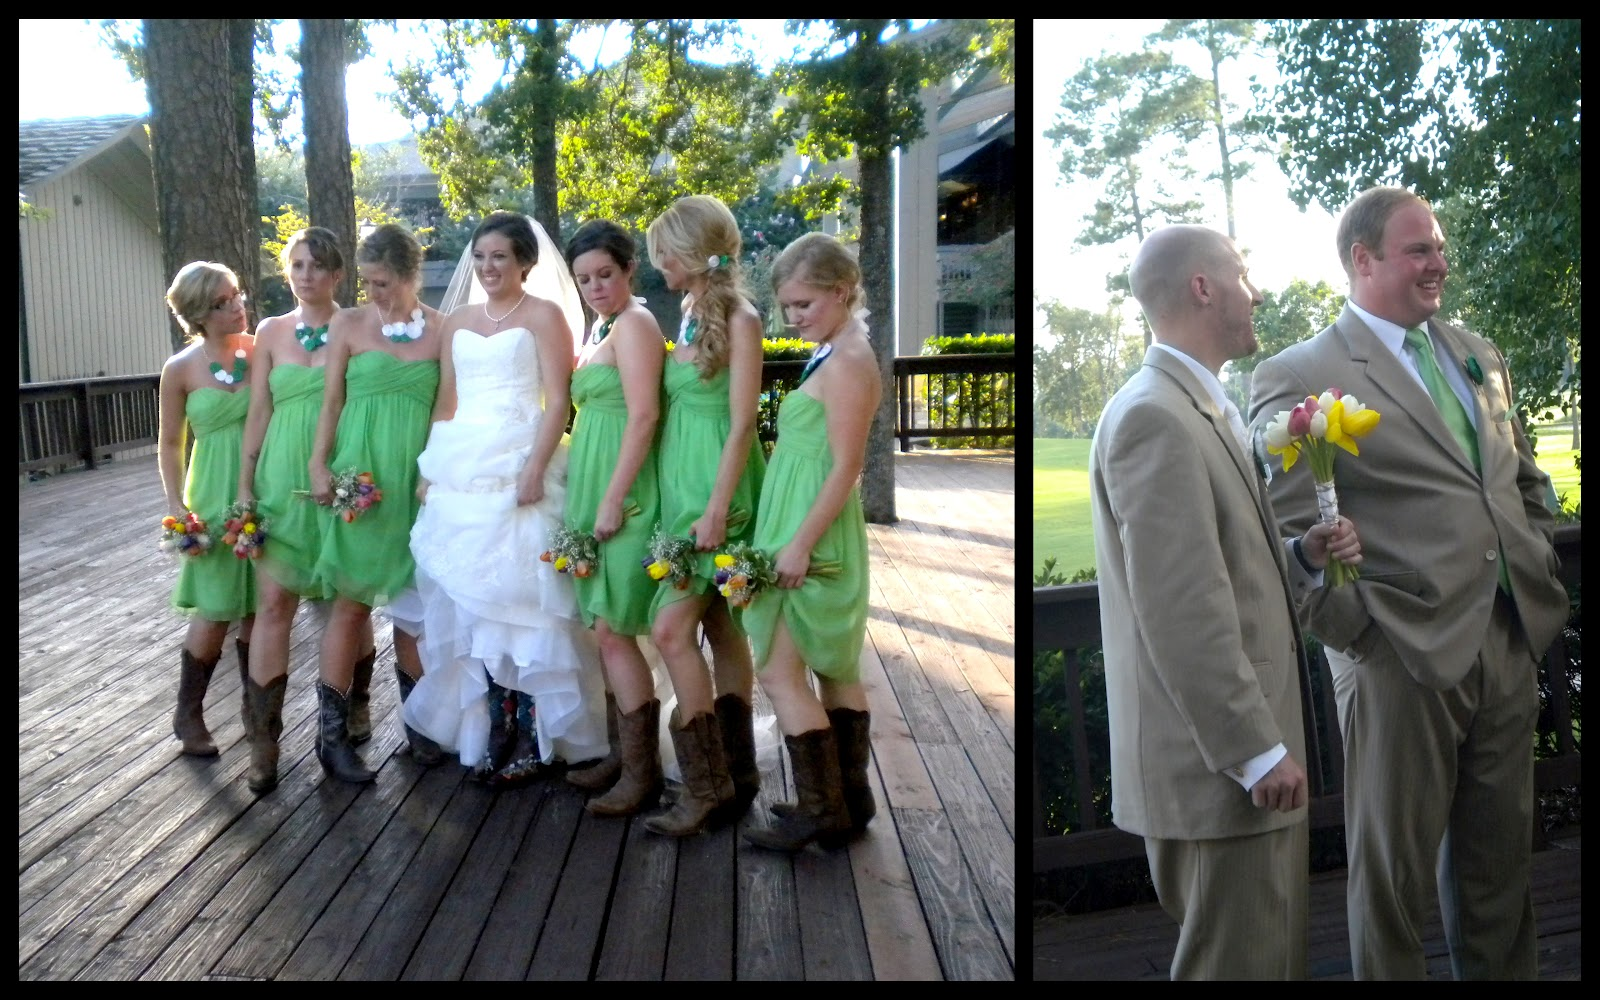 Blog: A Blushing June Bride